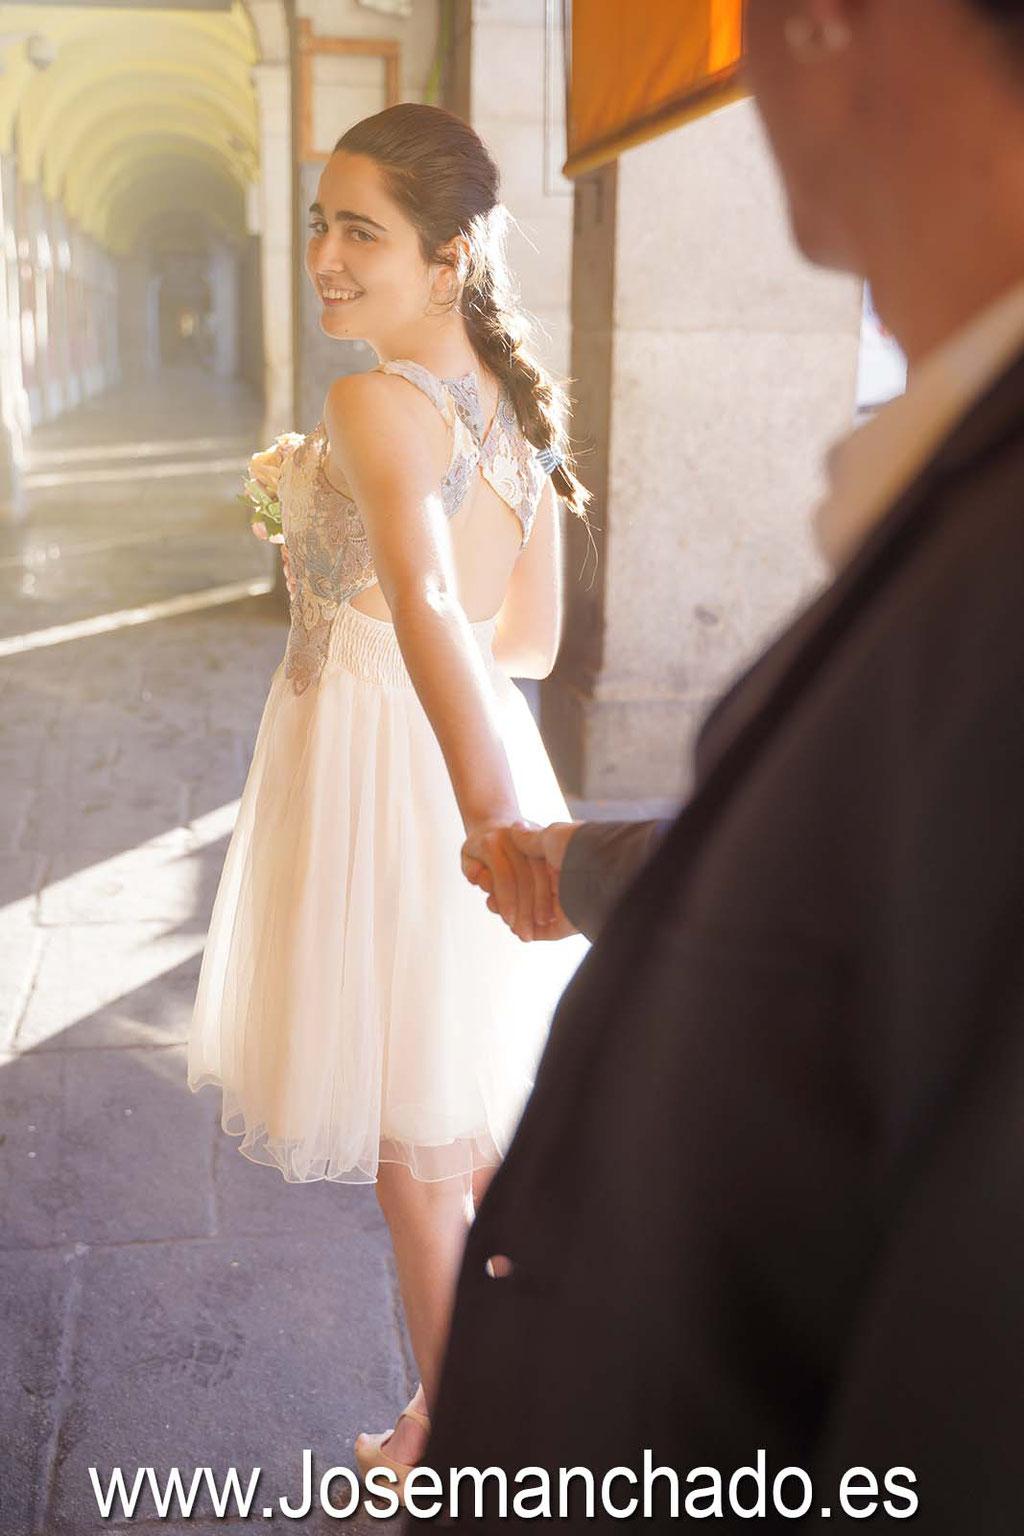 fotografo bodas madrid, fotografo economico, fotos boda economicas, fotografo madrid boda, boda barata, boda madrid